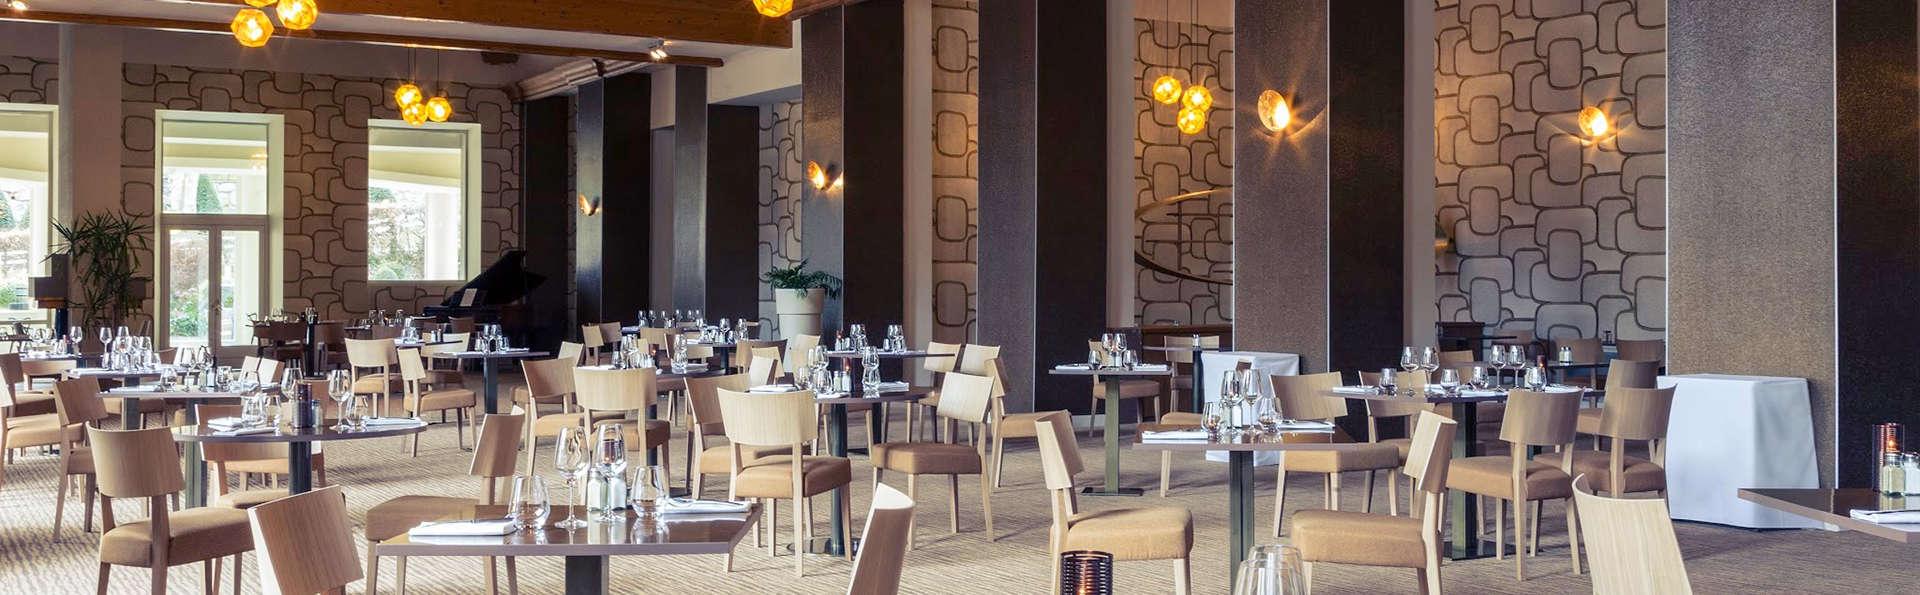 Week-end avec dîner bistronomique et accès spa, au cœur des 3 Vallées